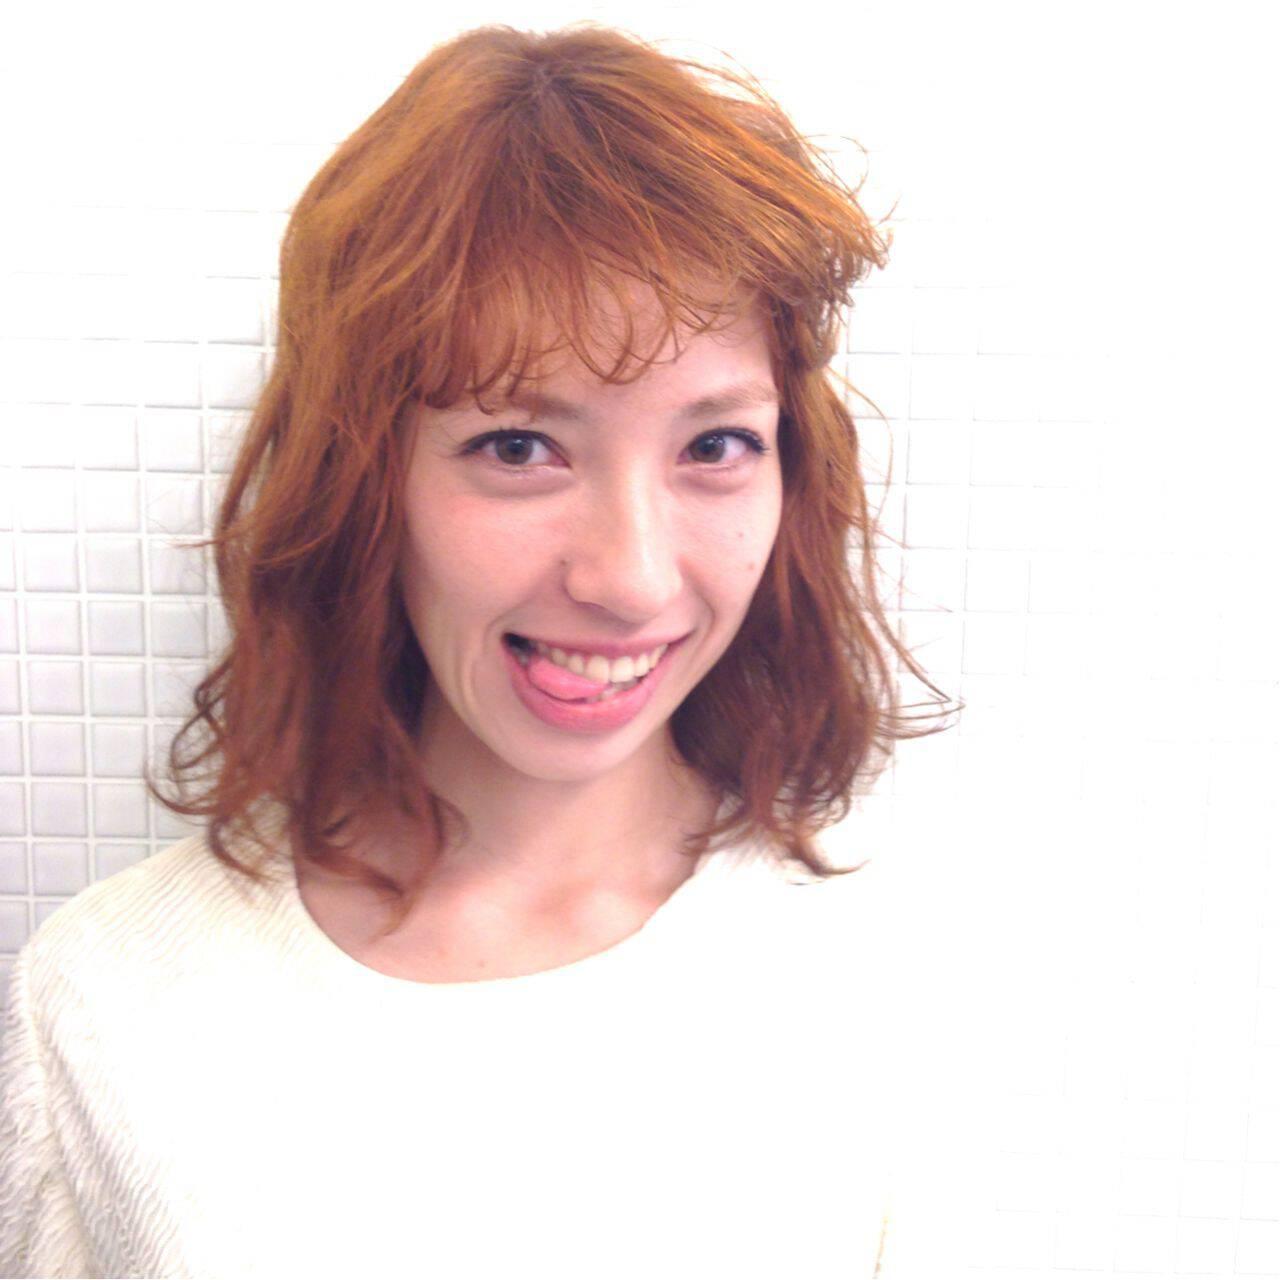 イエロー ボブ モテ髪 秋ヘアスタイルや髪型の写真・画像